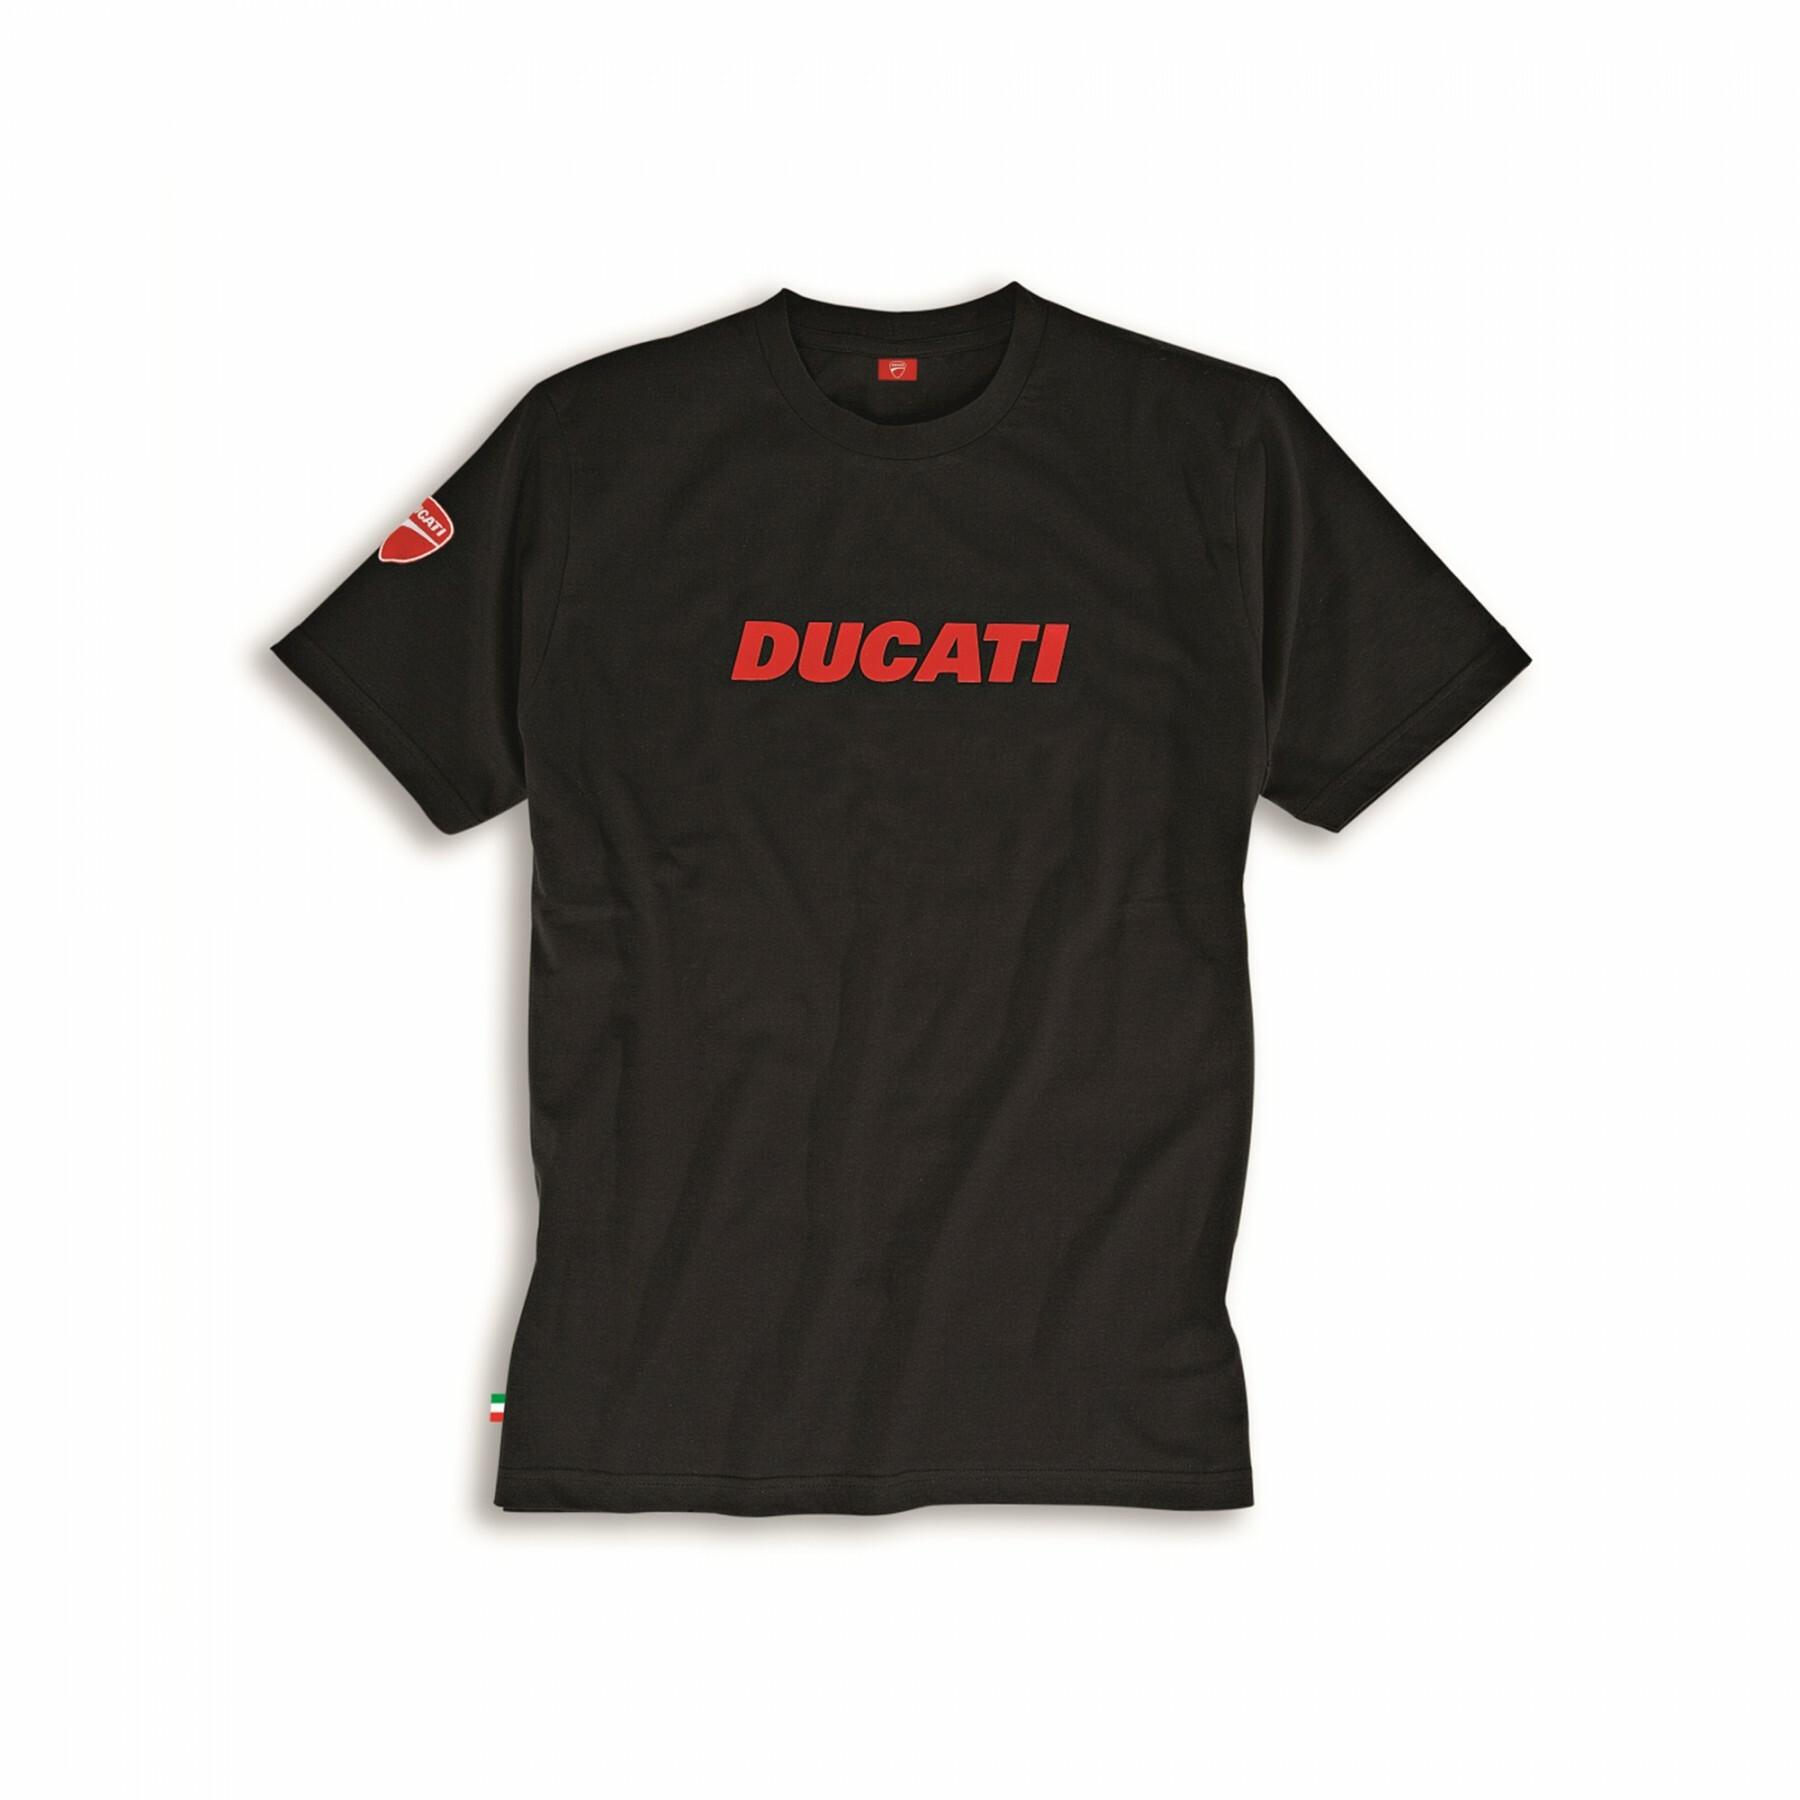 T-shirt Ducatiana 2 Black 98769052